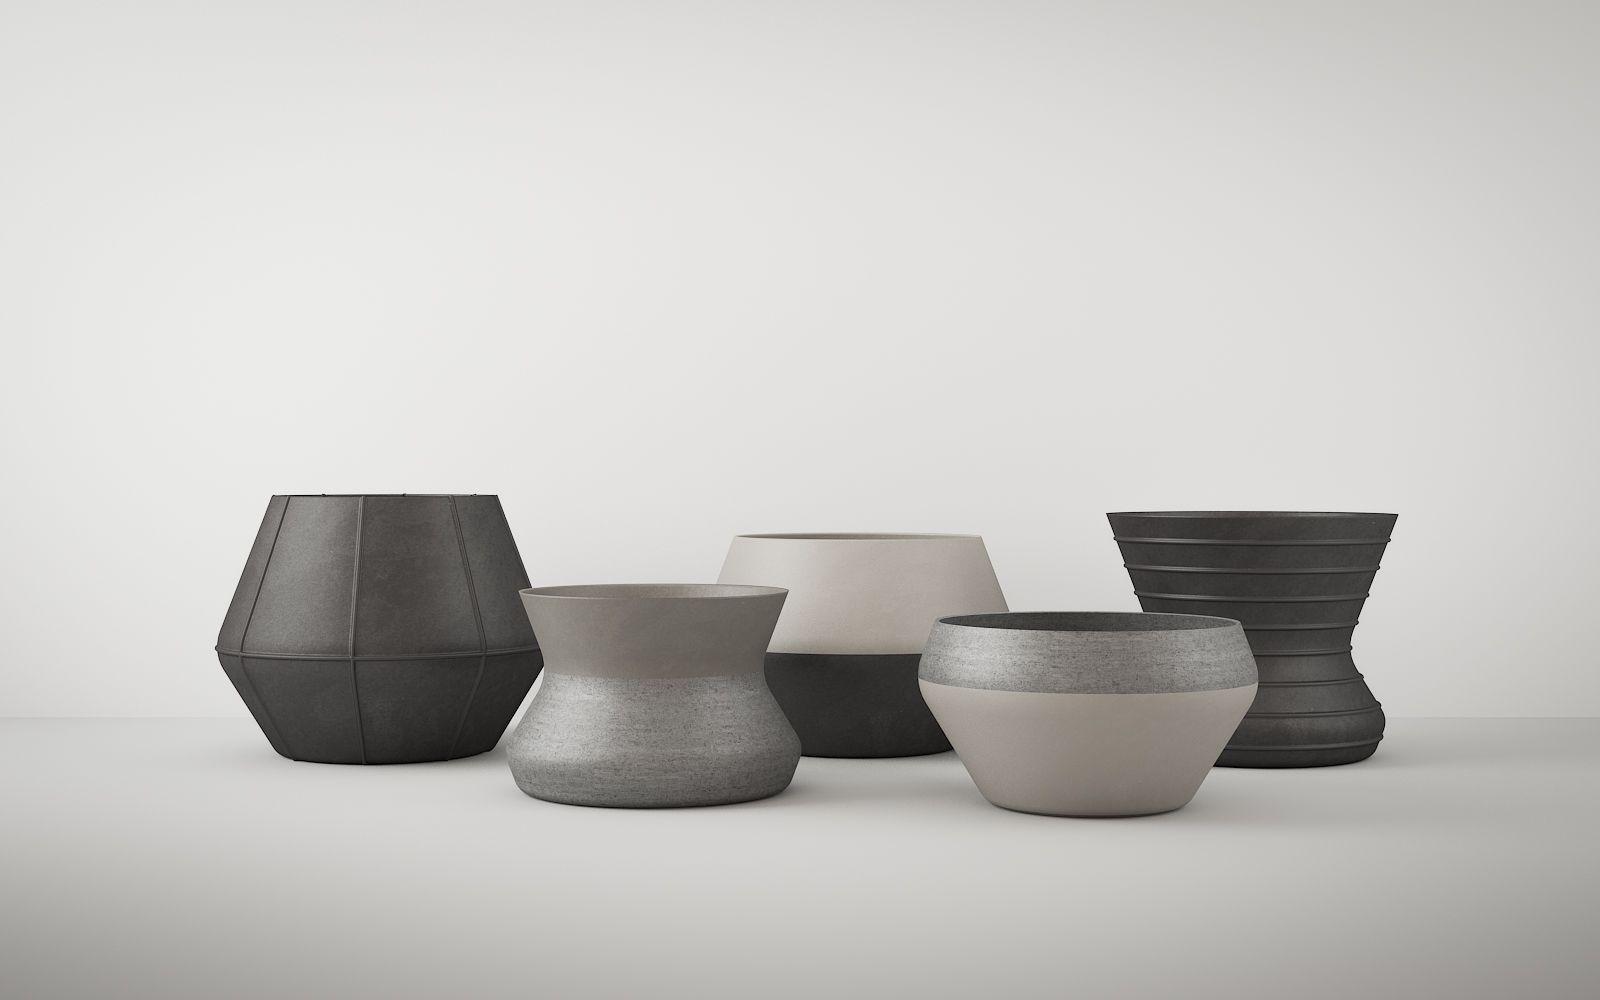 Stone Vases 720